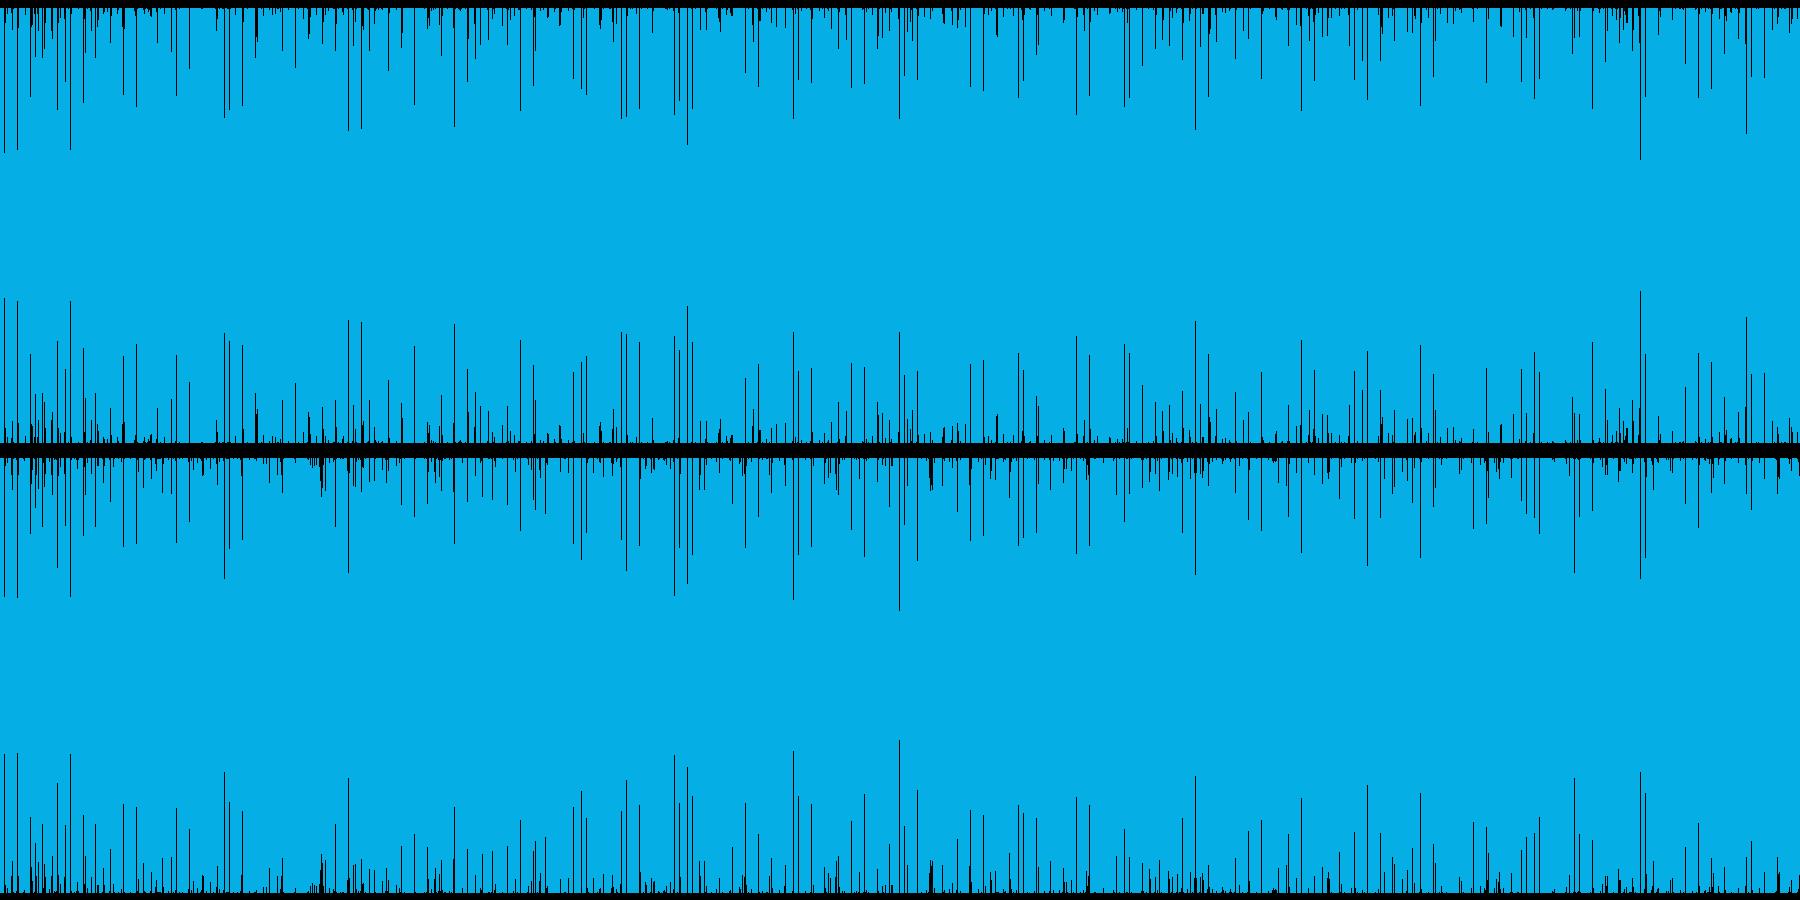 緊張感や幻想的な雰囲気を演出するBGMの再生済みの波形